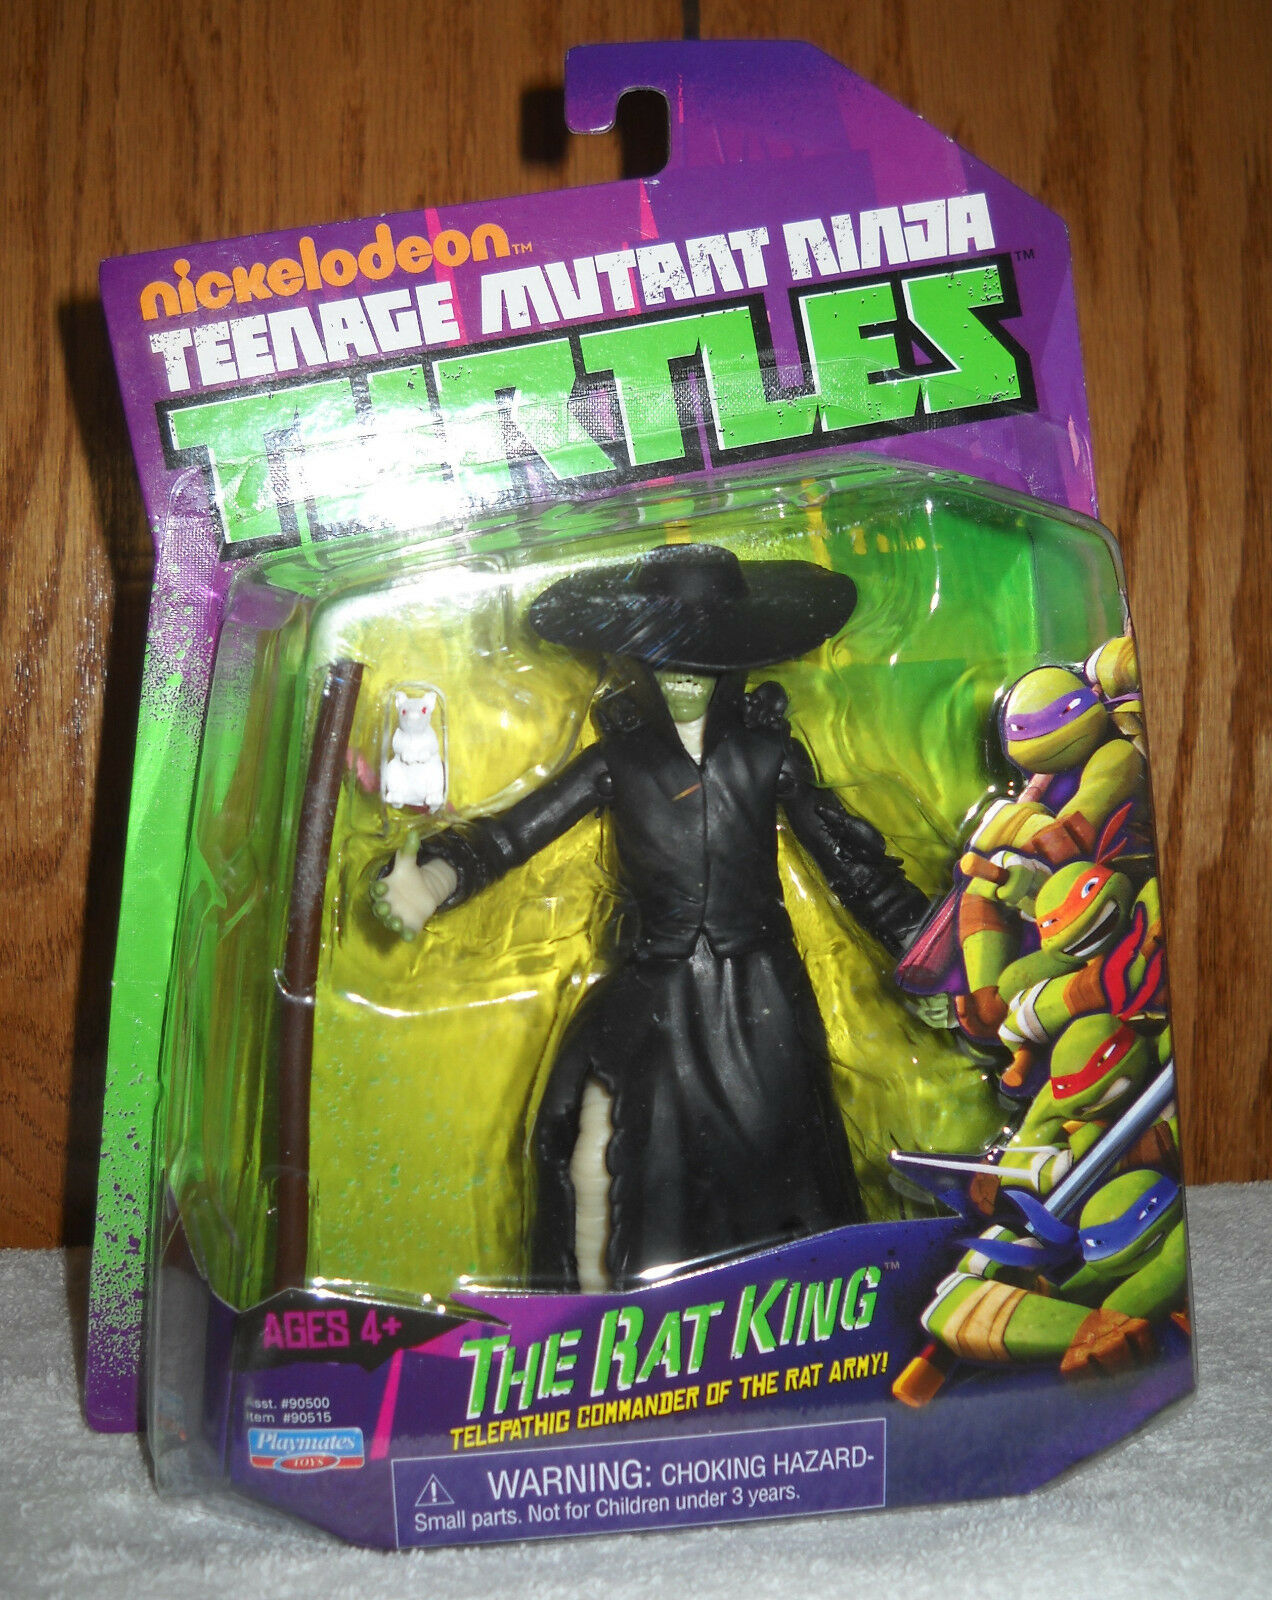 NOC Teenage Mutant Ninja Turtles the Rat King Figure